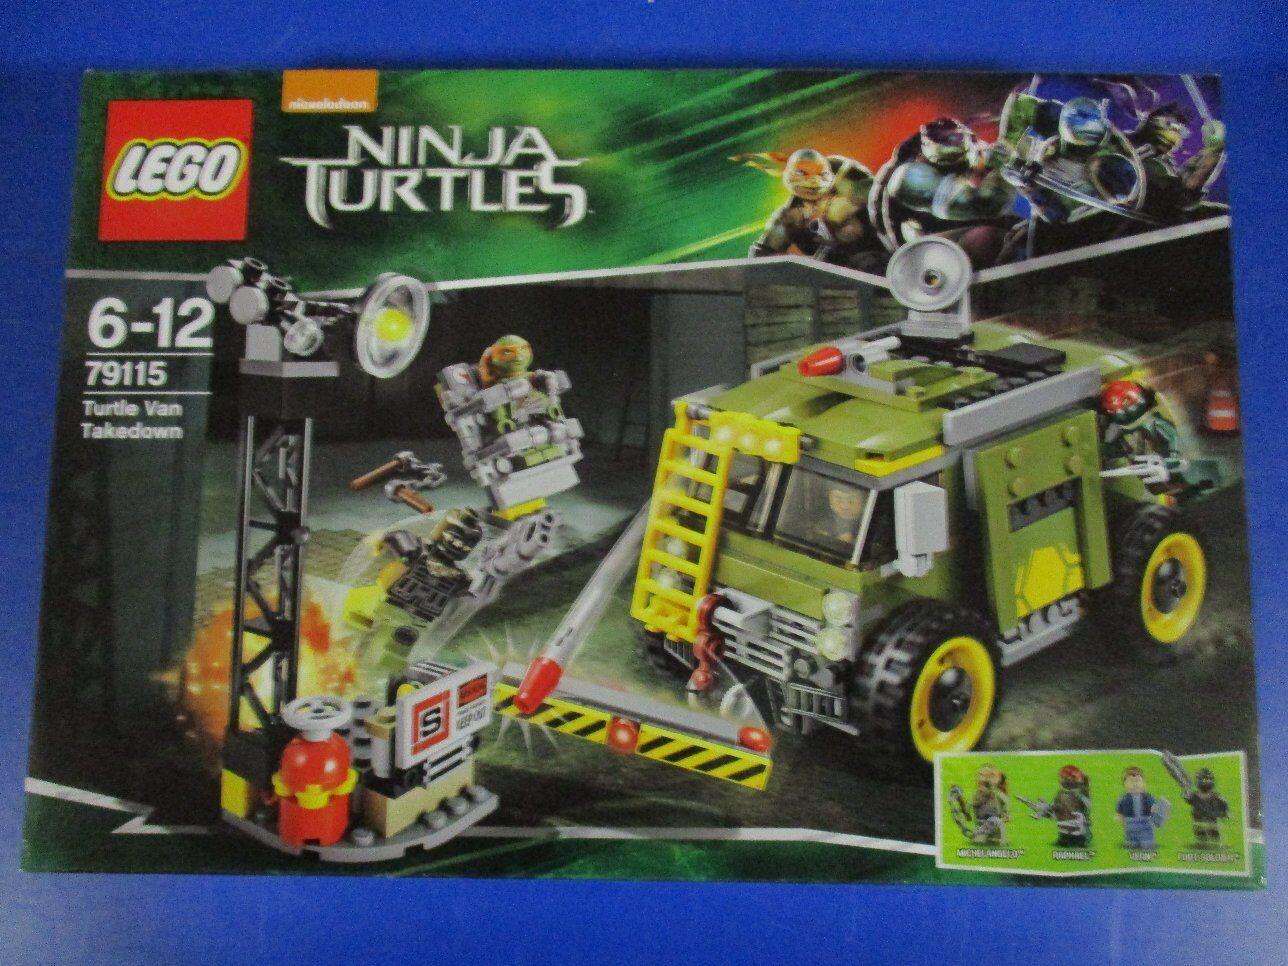 LEGO Tartarughe Ninja 79115 Turtle Van NUOVO OVP